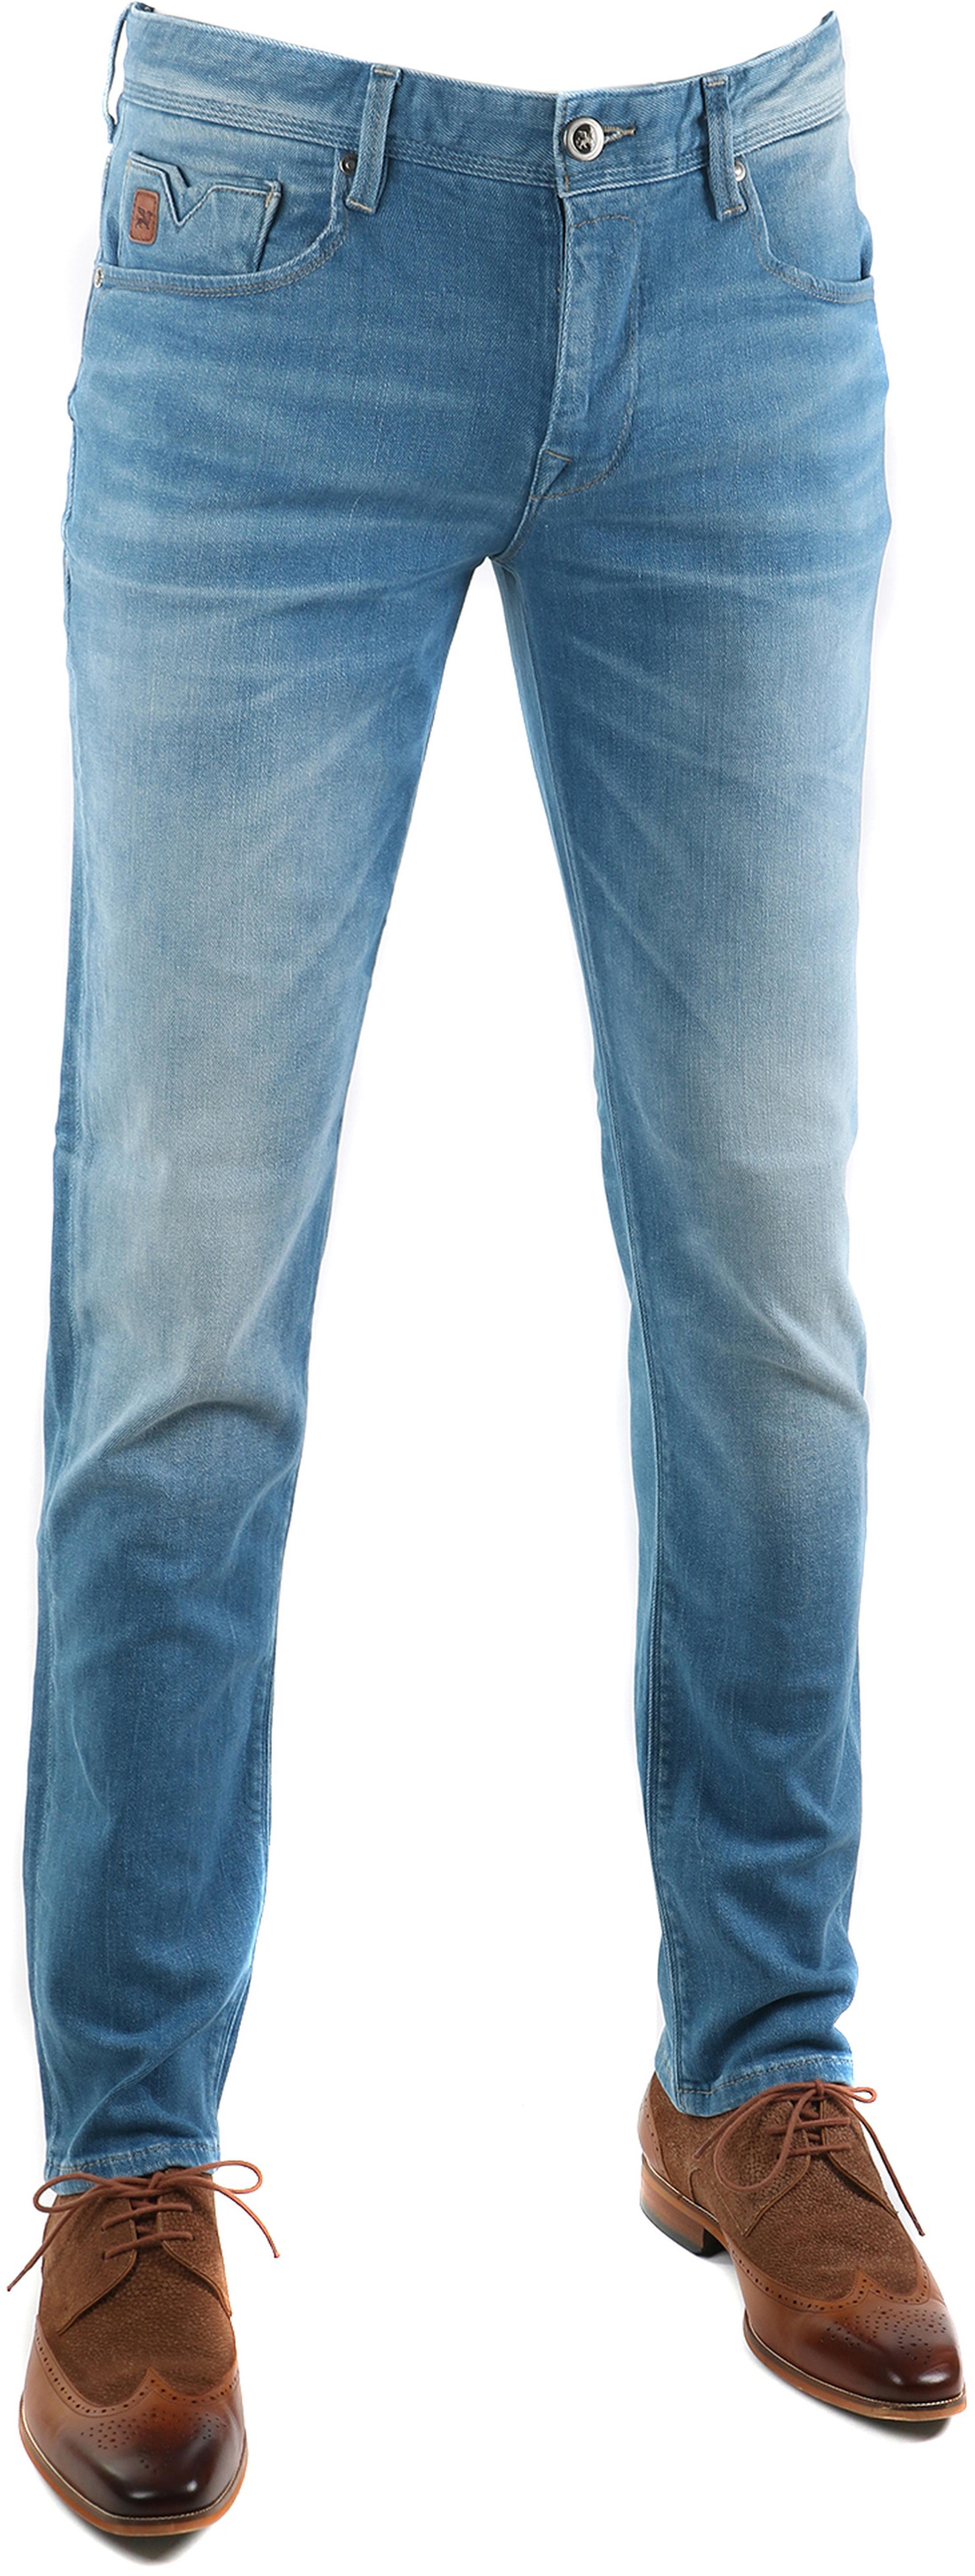 Vanguard V7 Rider Jeans Hellblau foto 0